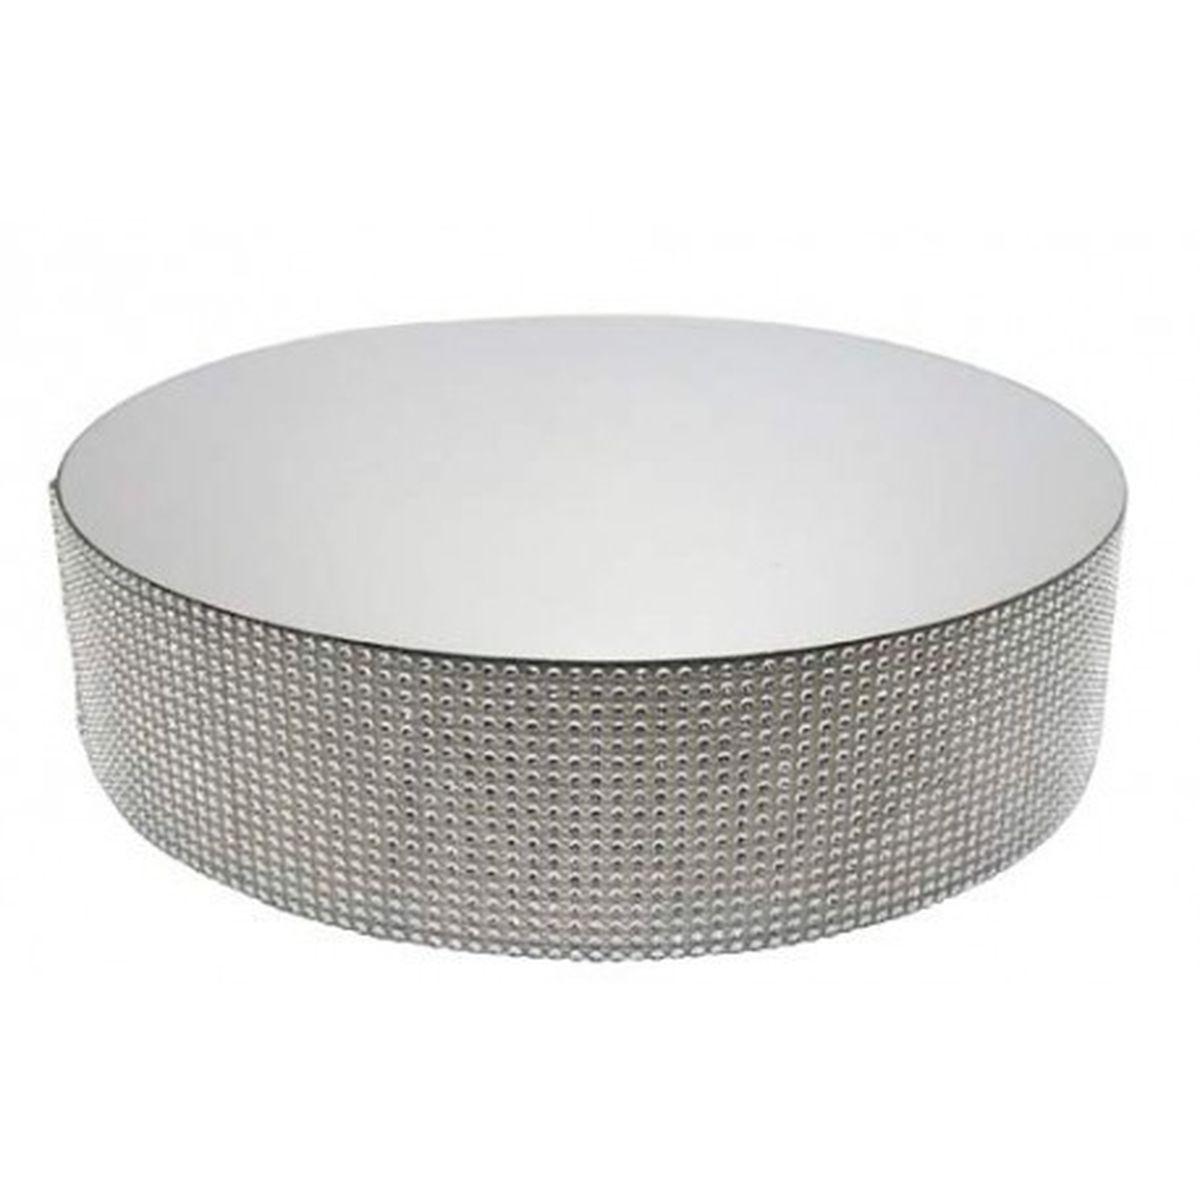 Présentoir miroir contours effet diamants 25 cm - Patisdecor